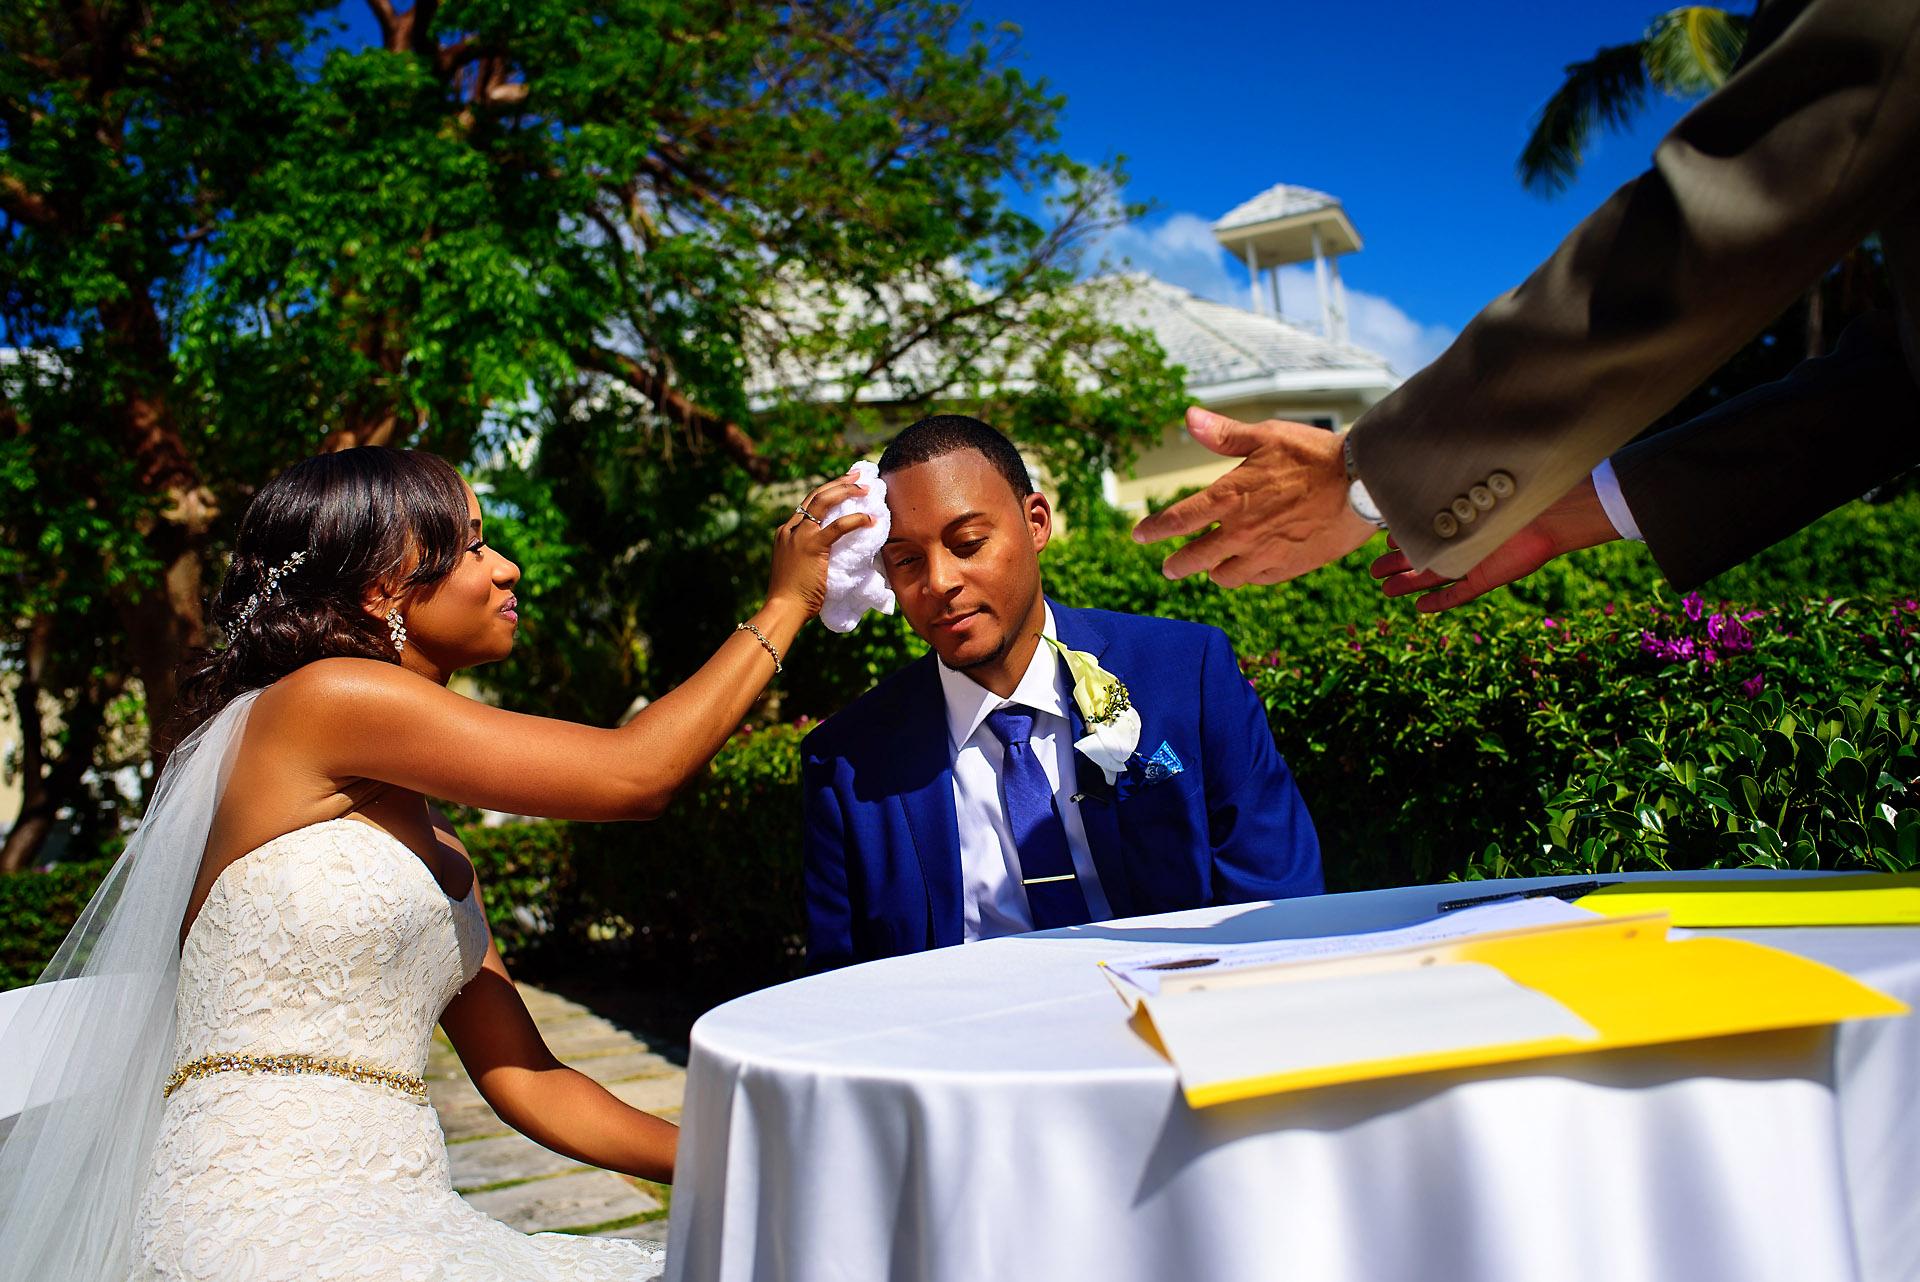 Bride_wipe_groom_atlantis_bahamas.jpg